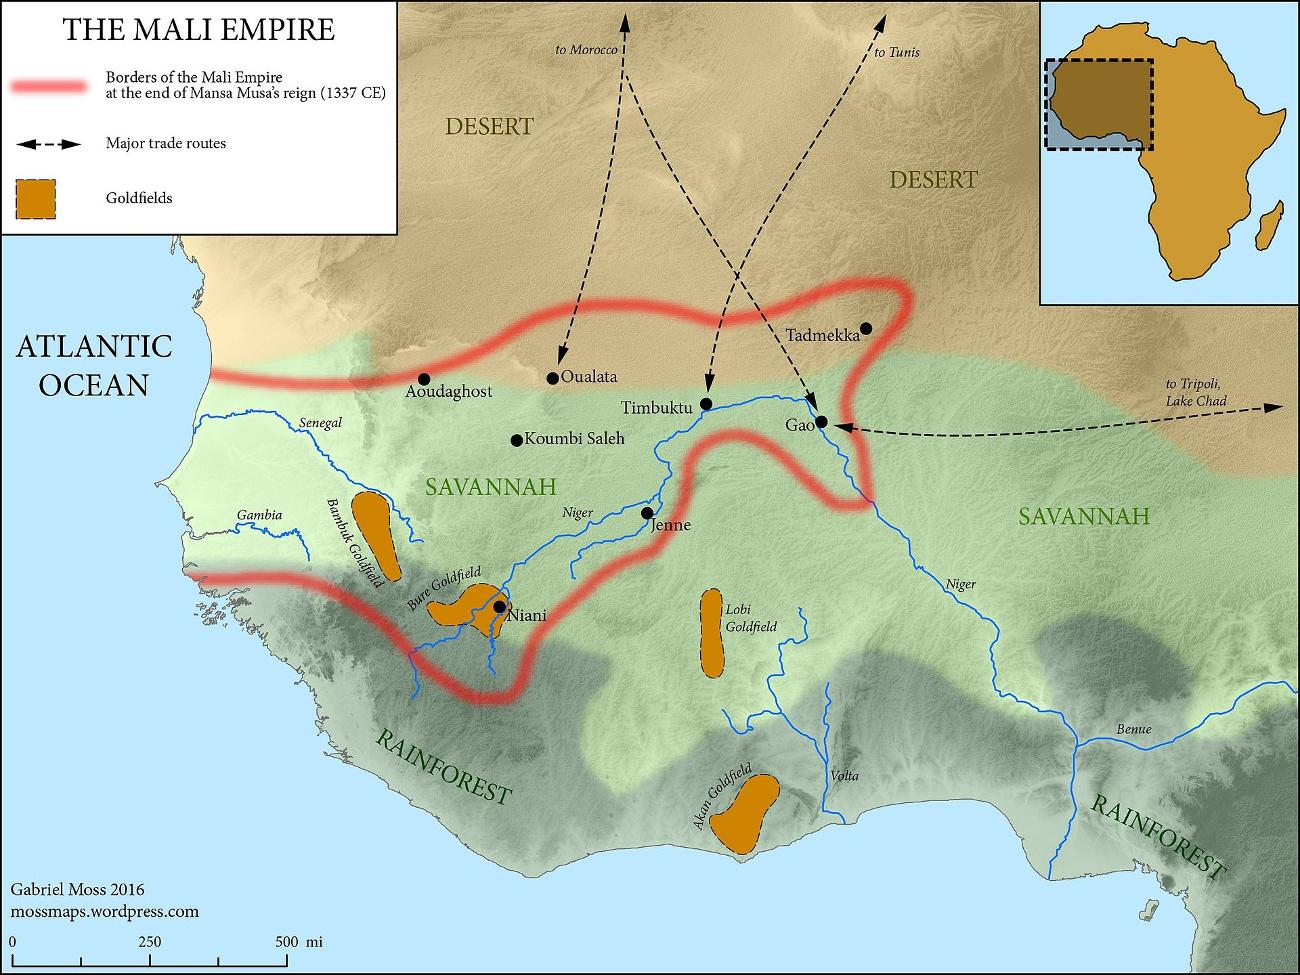 Xάρτης της αυτοκρατορίας του Μάλι την εποχή του θανάτου του Μάνσα Μούσα.